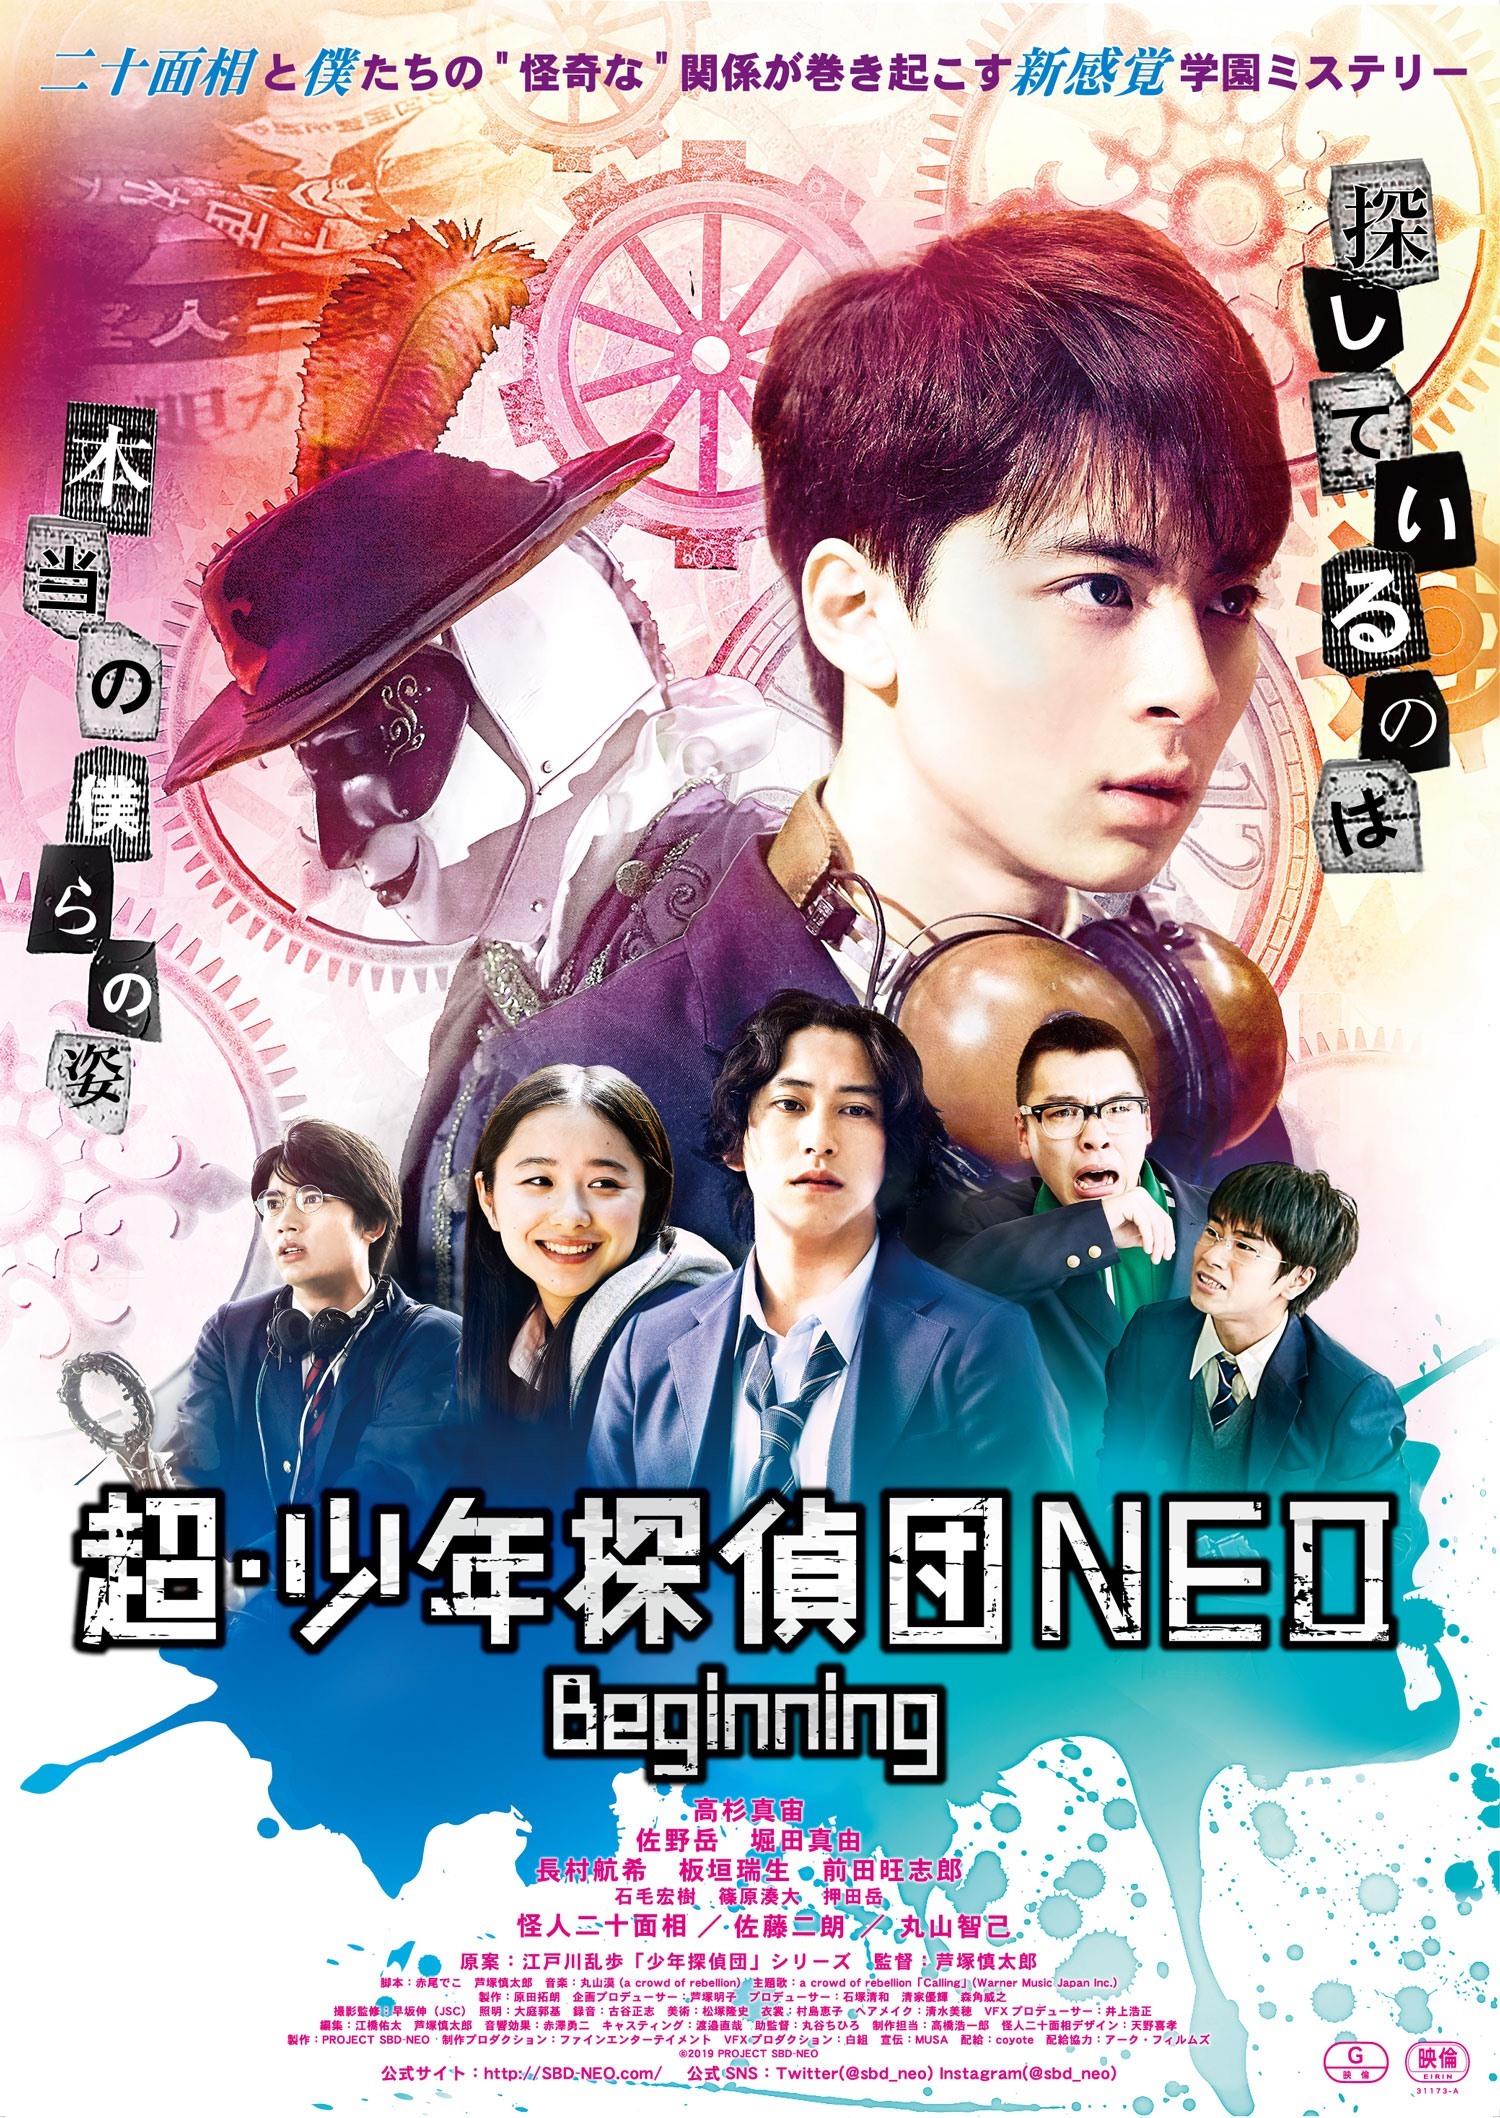 堀田真由、映画『超・少年探偵団 NEO-Beginning-』